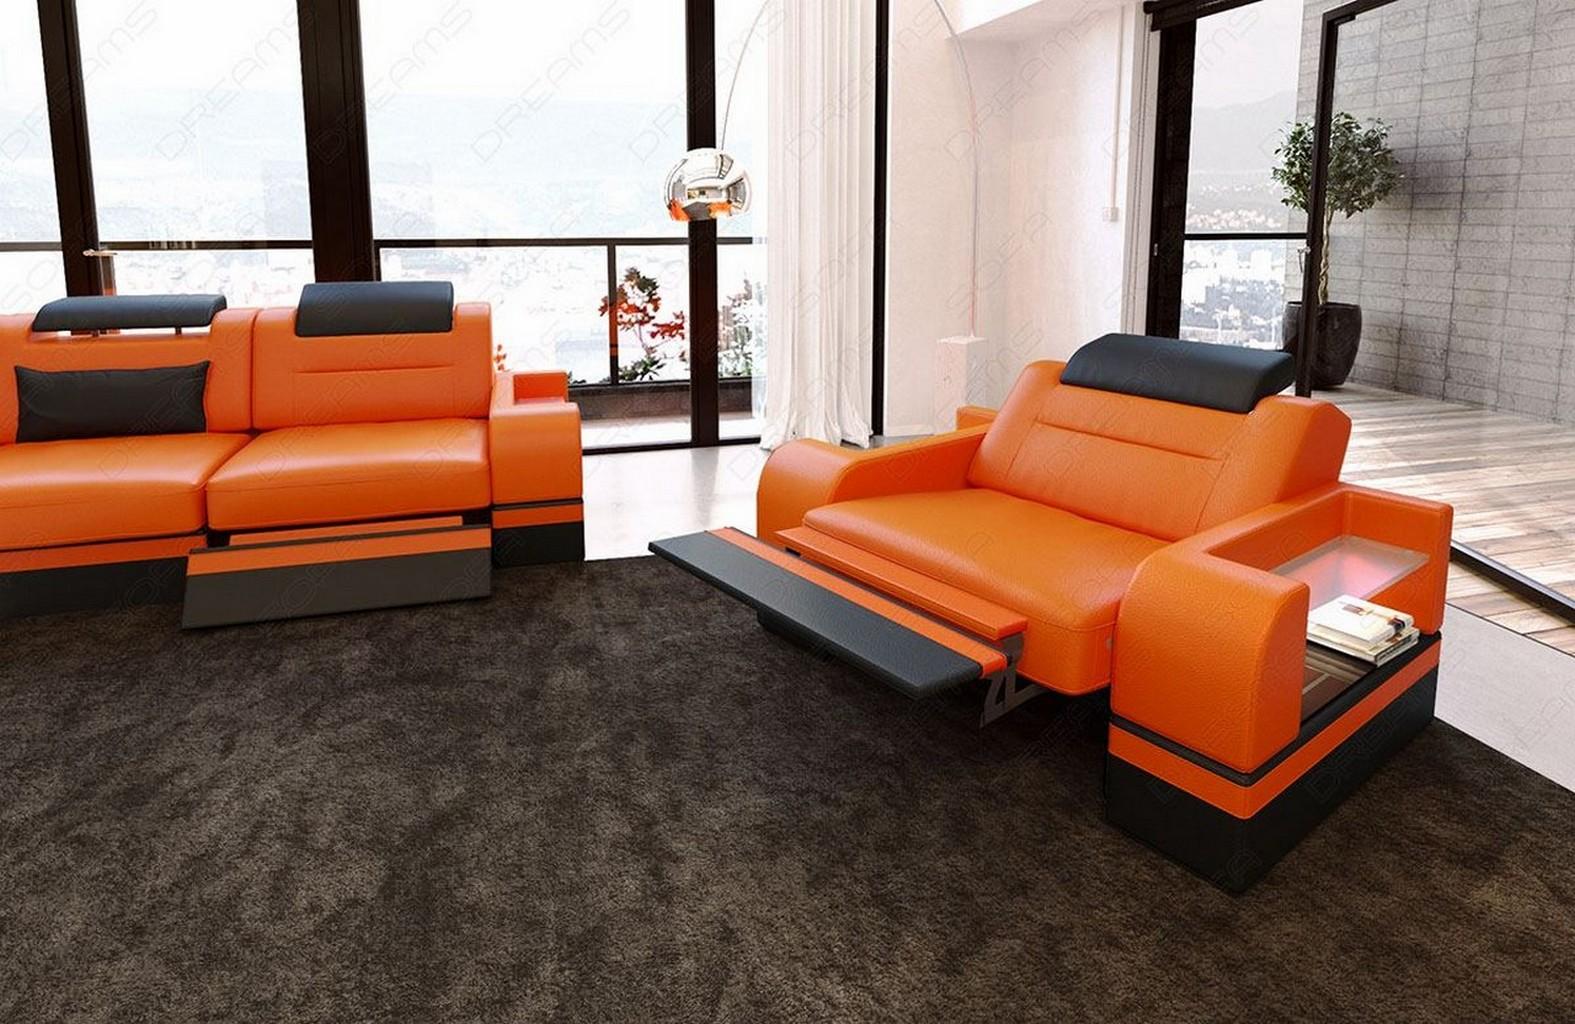 luxus sofagarnitur 3 2 1 couchgarnitur echtleder parma design led beleuchtung ebay. Black Bedroom Furniture Sets. Home Design Ideas